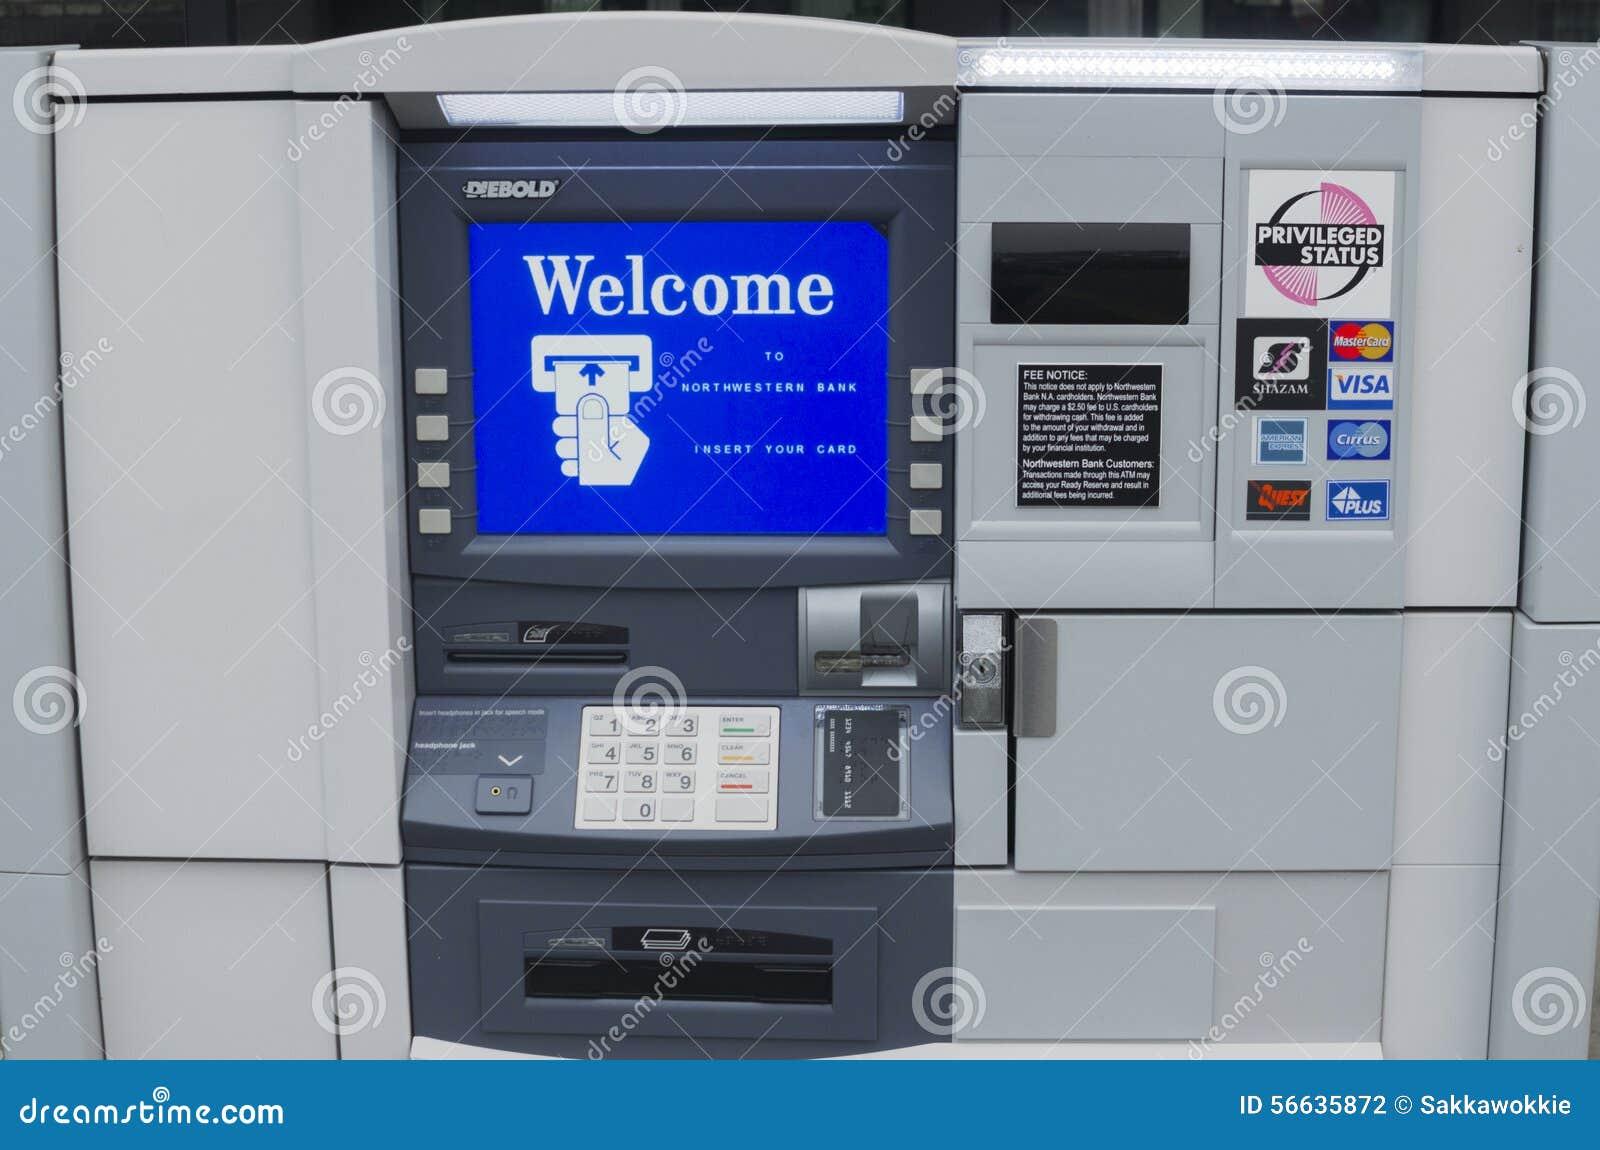 atm machine screen